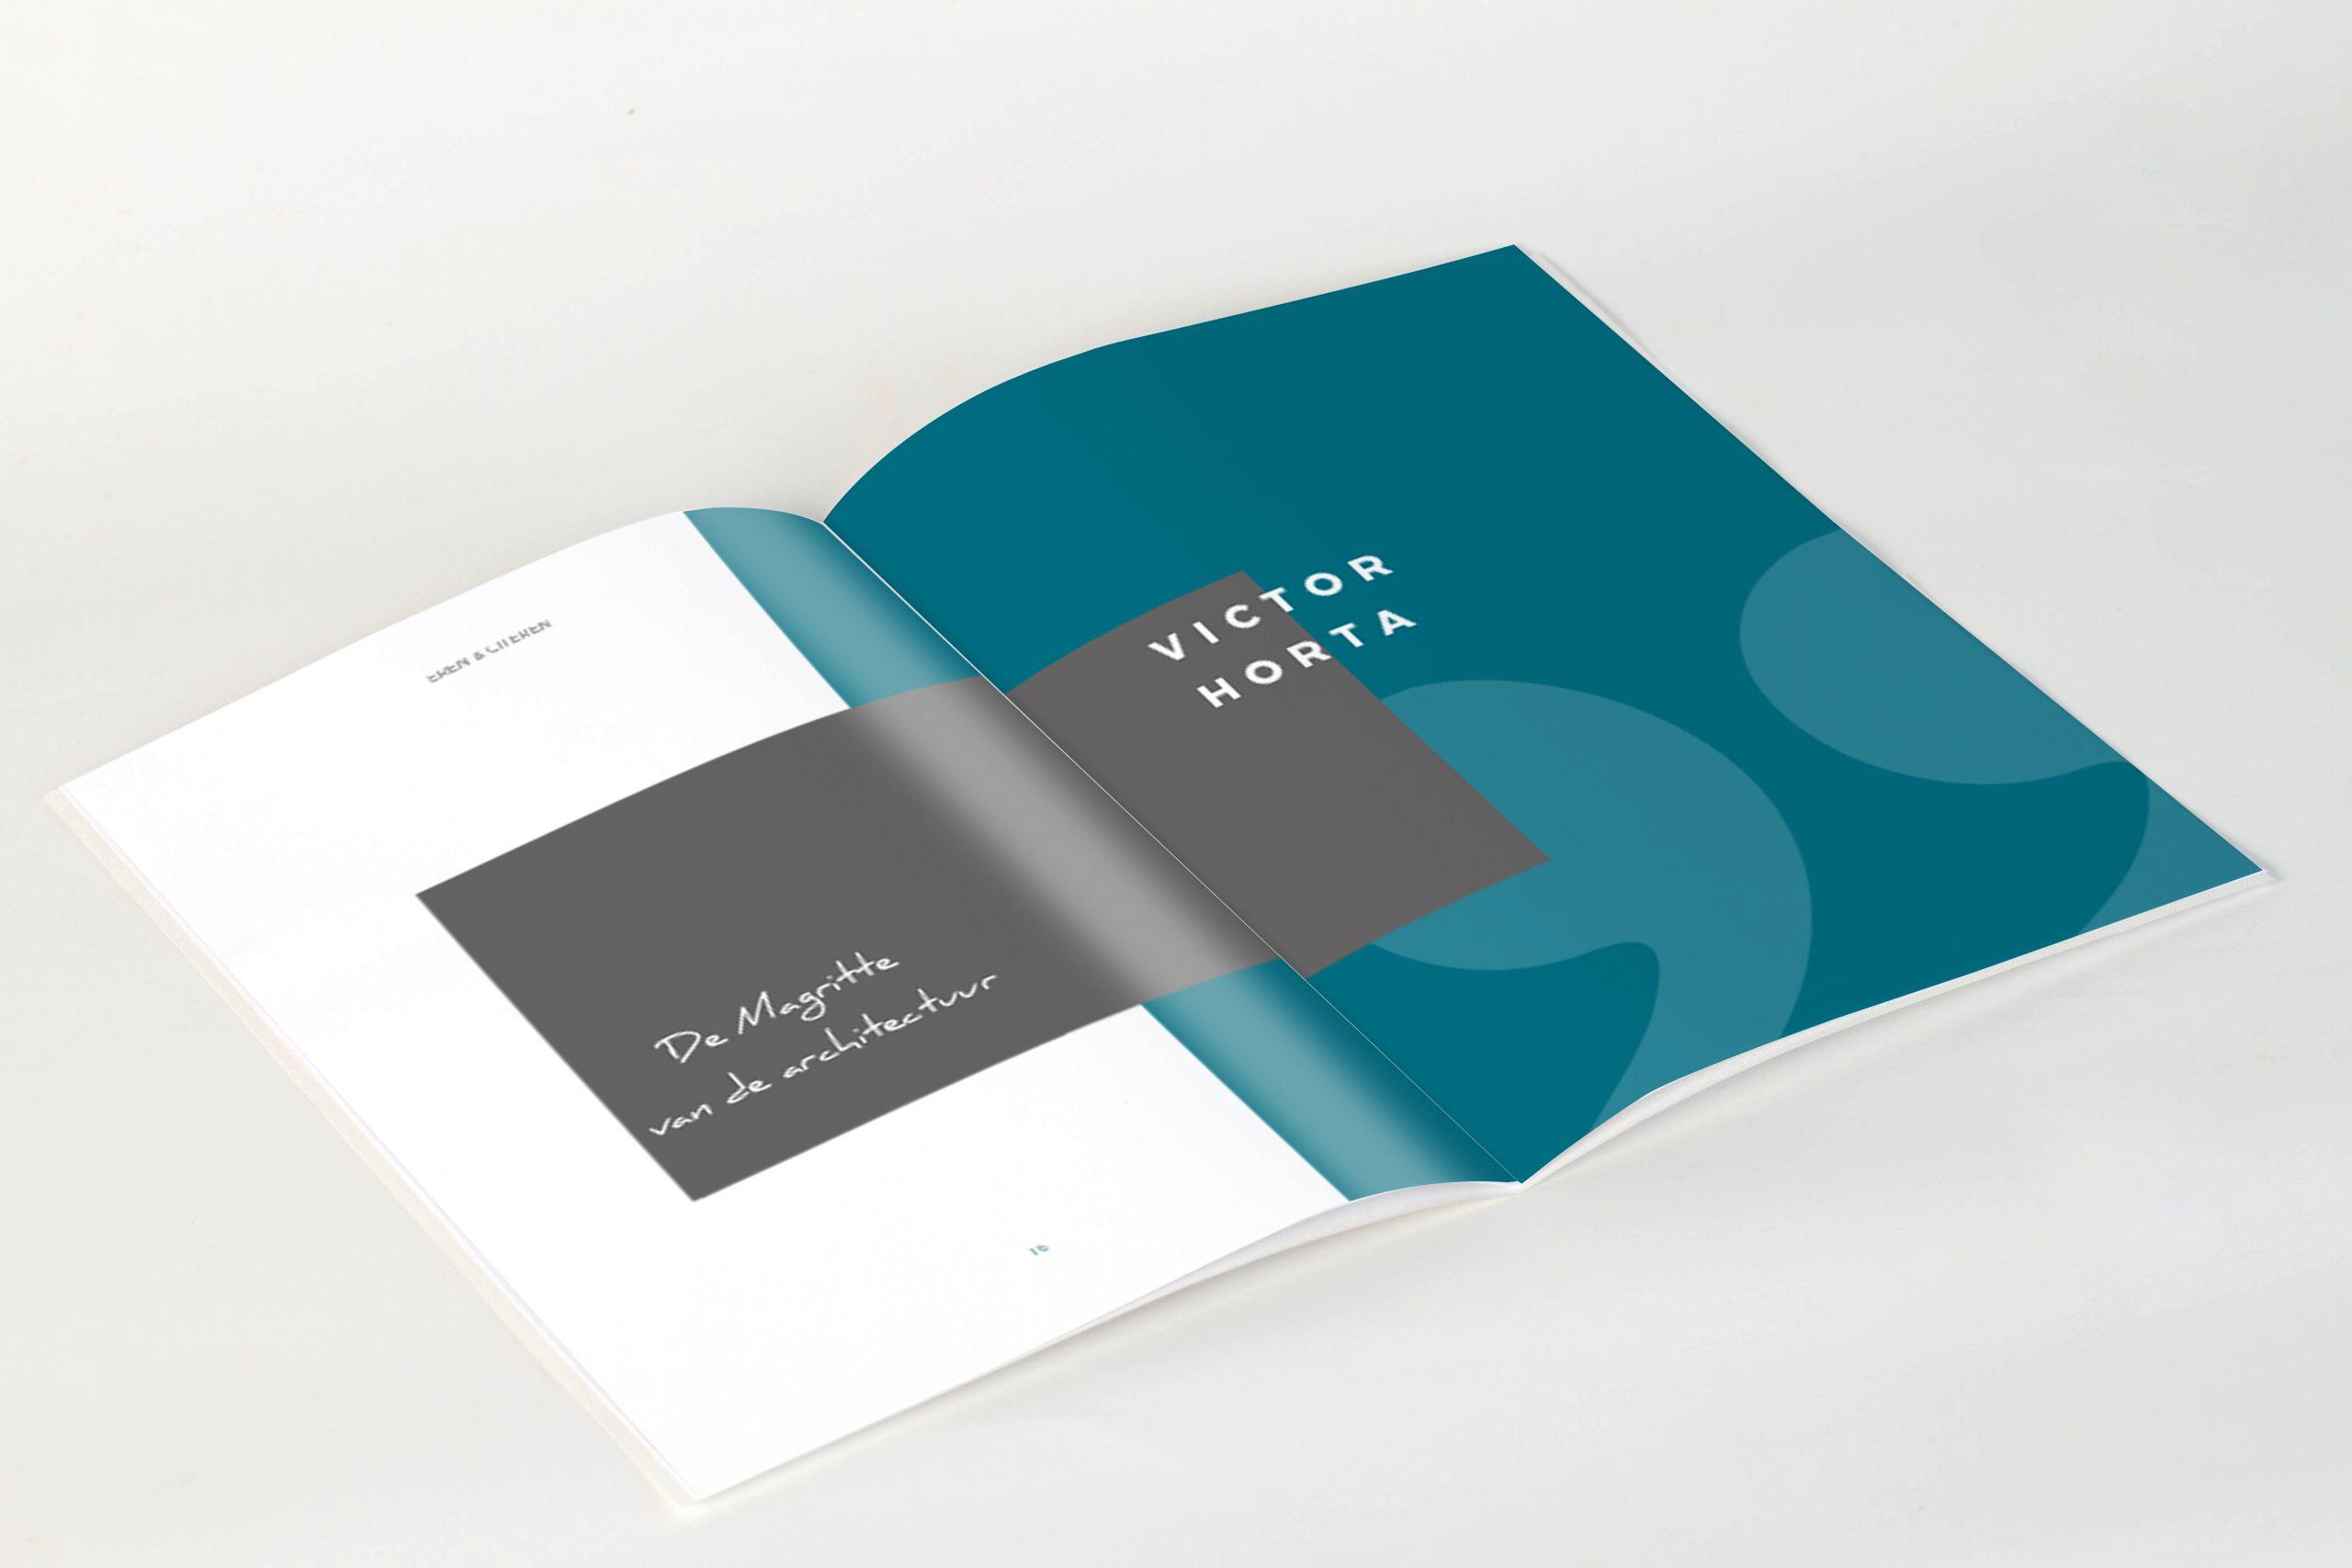 grafisch ontwerp|lay-out|vormgeving|boek|eren&citeren|snedig